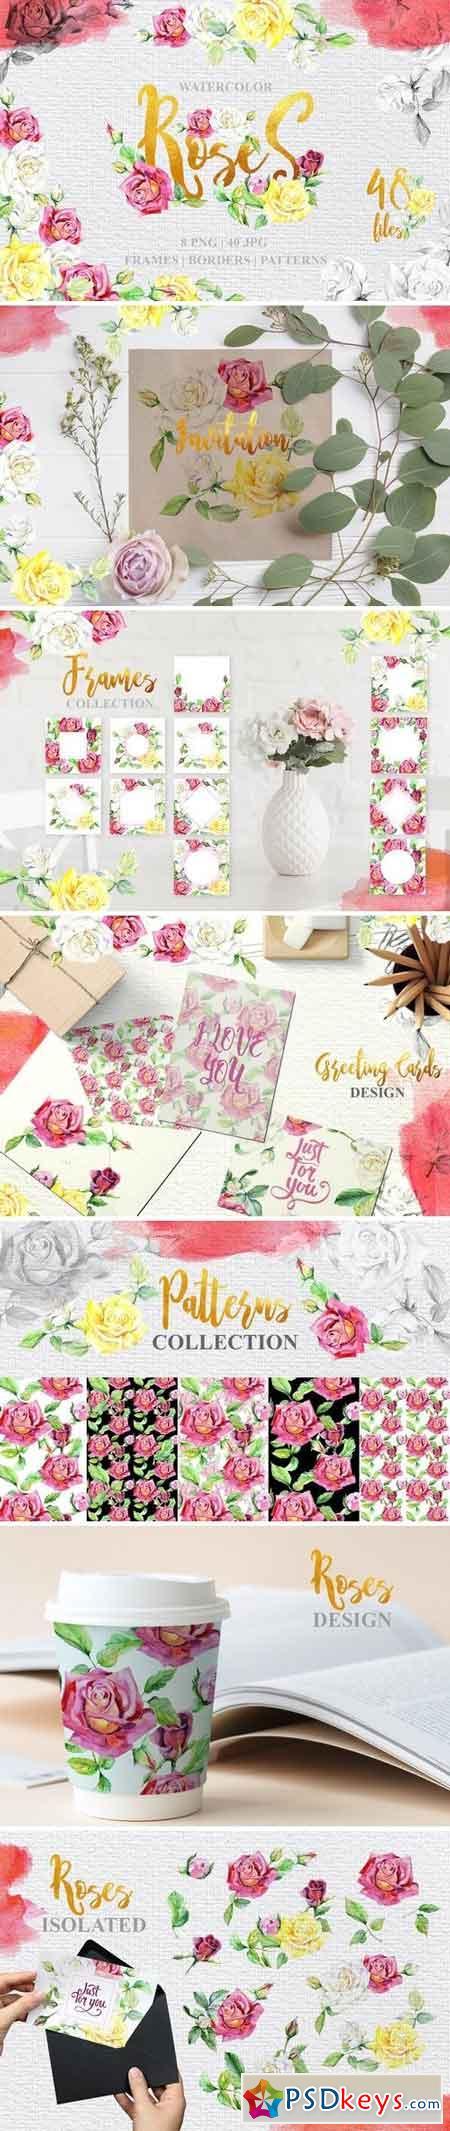 Rose technique Watercolor png 3319432